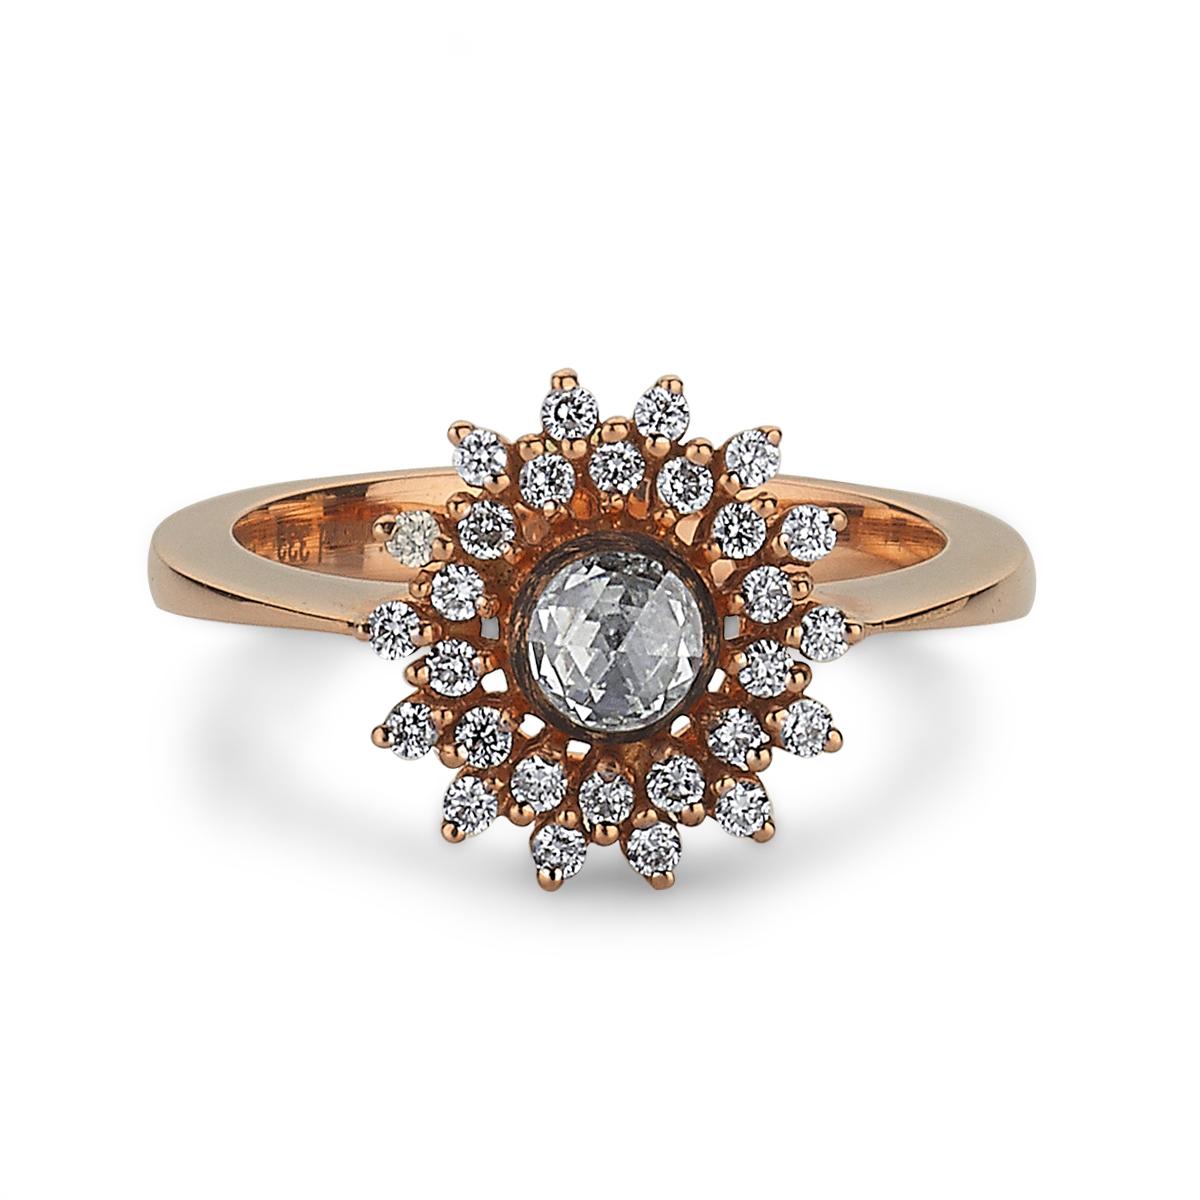 Aypa İle Benzersiz Mücevher Tasarımlarına Sahip Olun